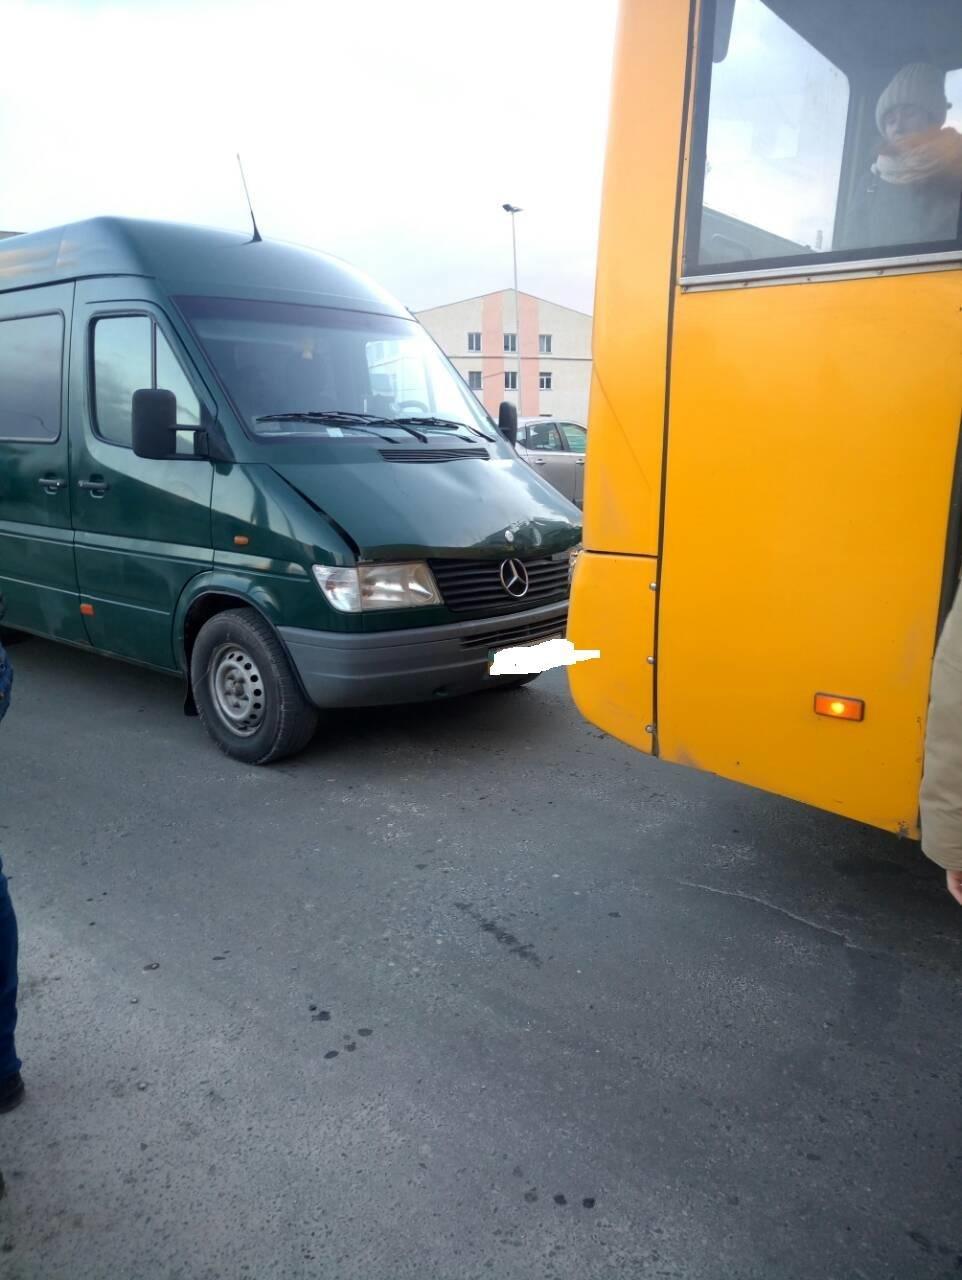 У Тернополі водій маршрутки, включивши не ту передачу, зіткнувся з автомобілем позаду (Фото), фото-1